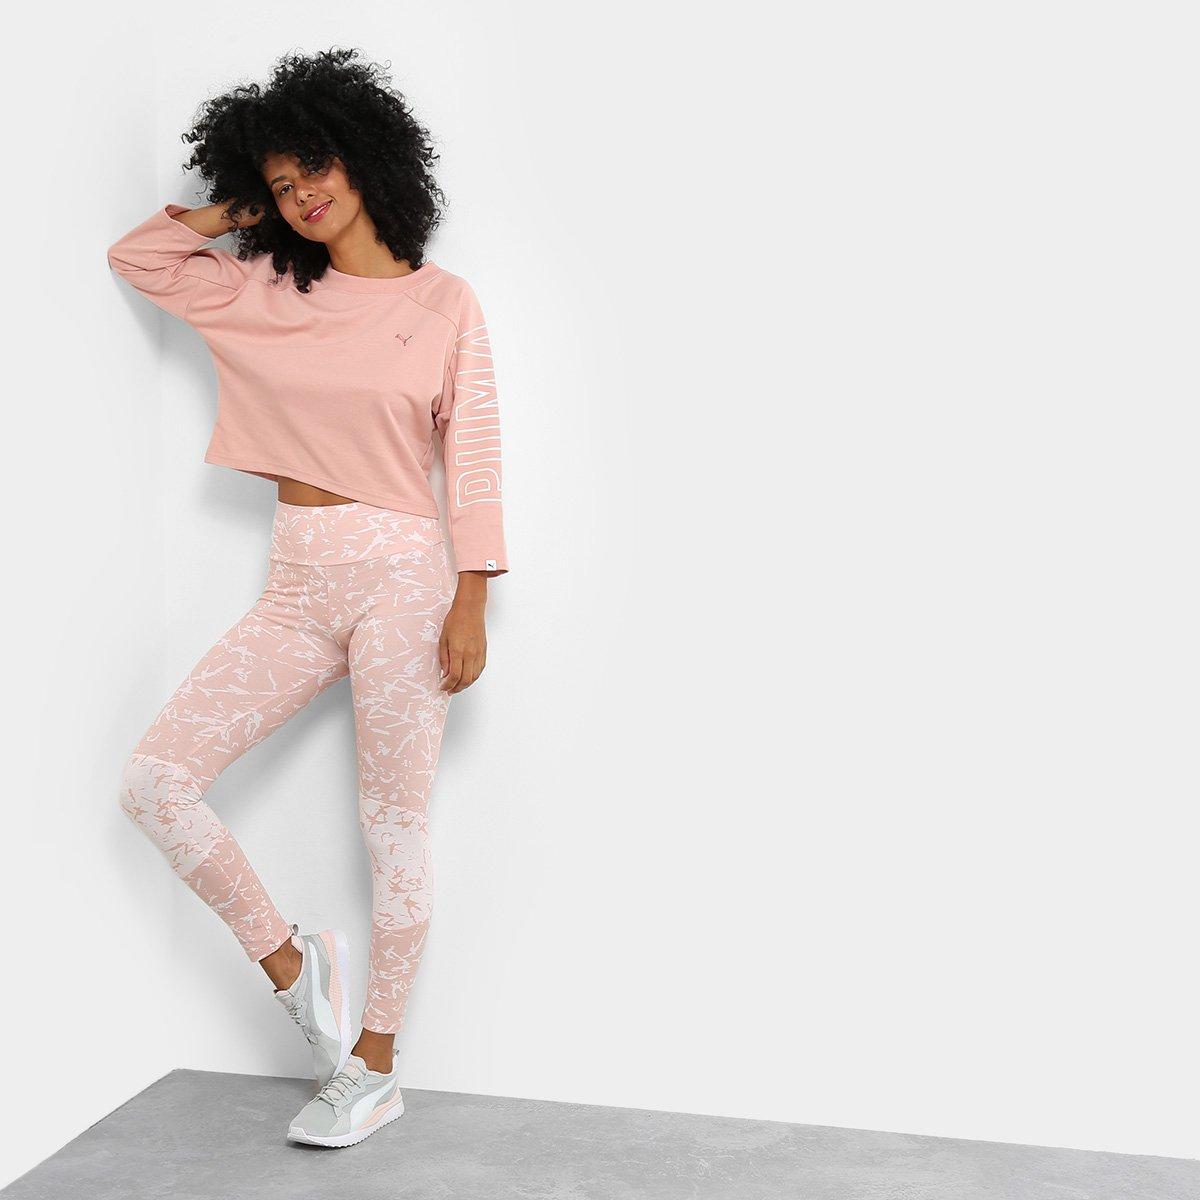 Moletom Puma Fusion Cropped 7 8 Sweatshirt Feminino - Rosa - Compre ... 0347375a3e22d